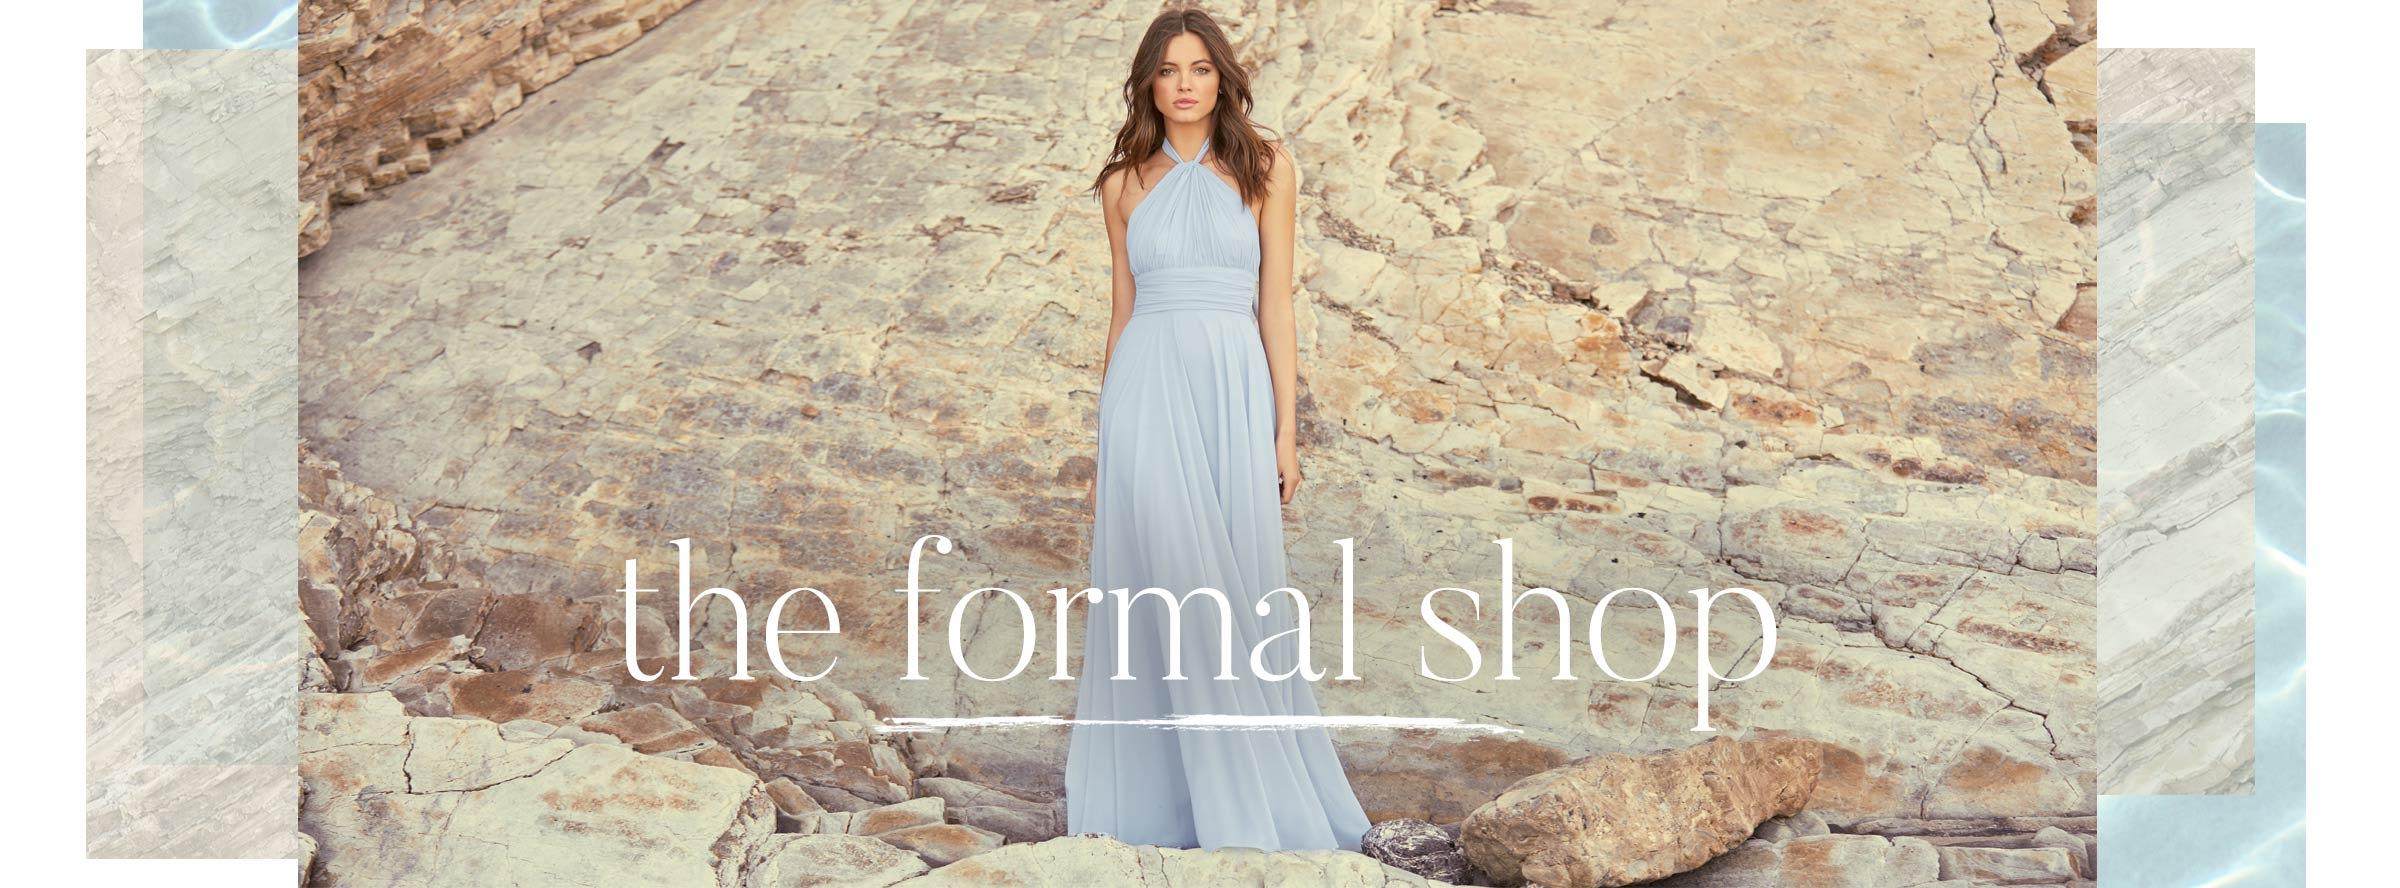 The Formal Shop- Shop Elegant Formal Dresses, Evening Dresses, and Gowns.